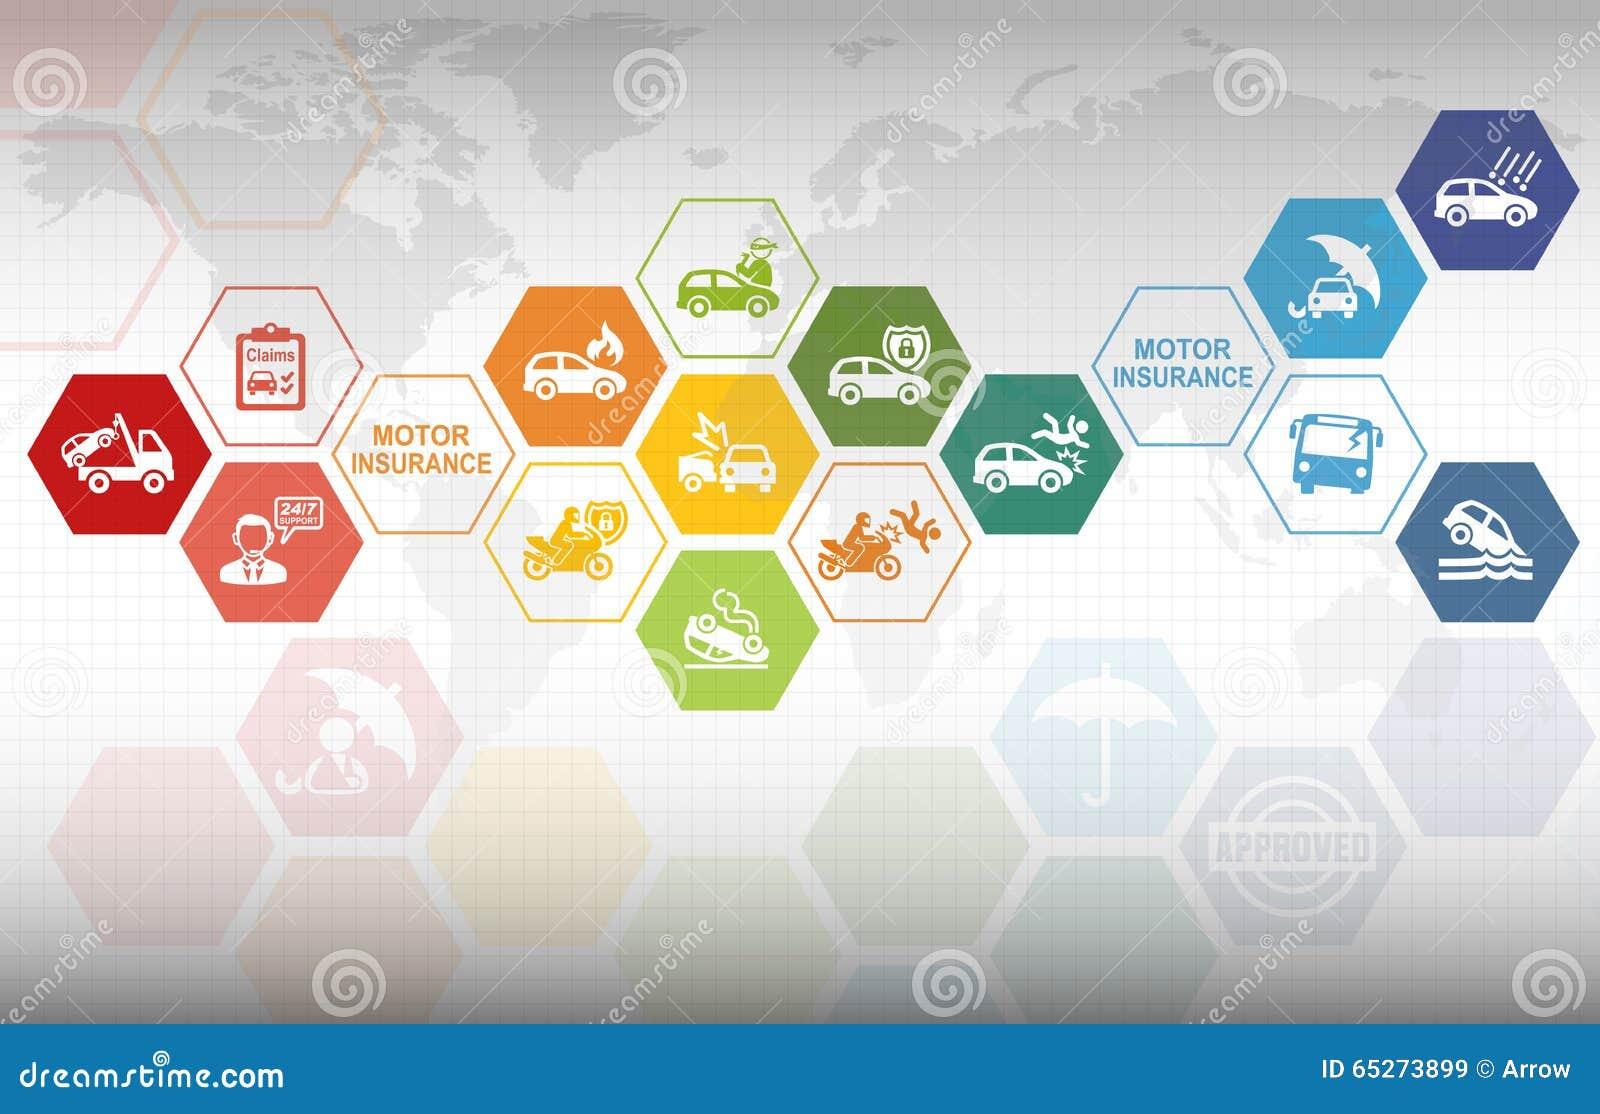 Motor Insurance Background Stock Illustration Image Of